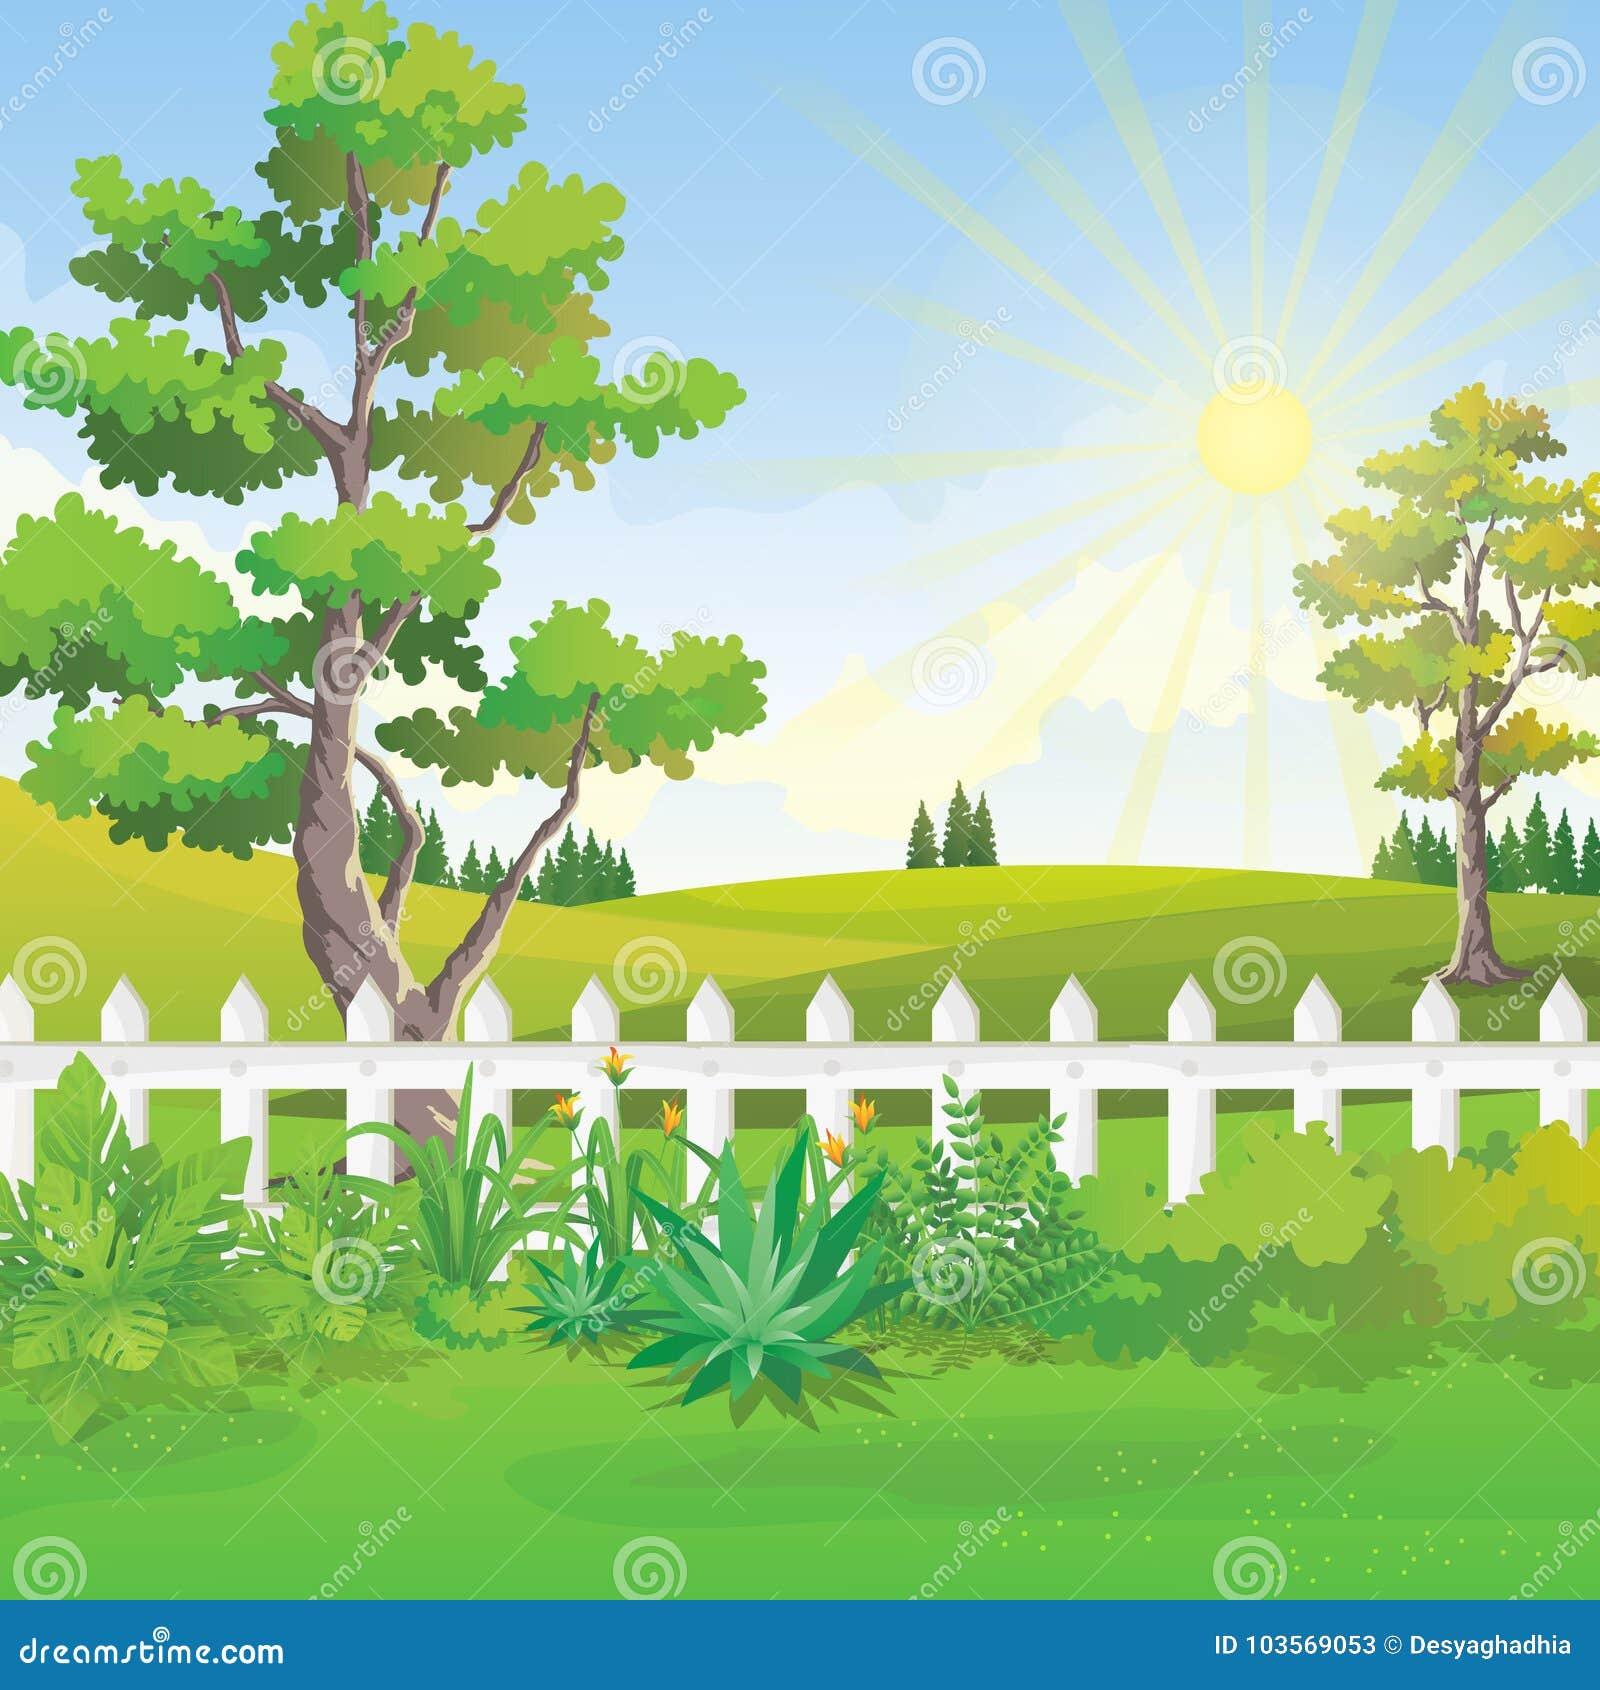 Hinterhof Garten Landschaft Am Sommertag Mit Sonnenlicht Auf Blauem Himmel